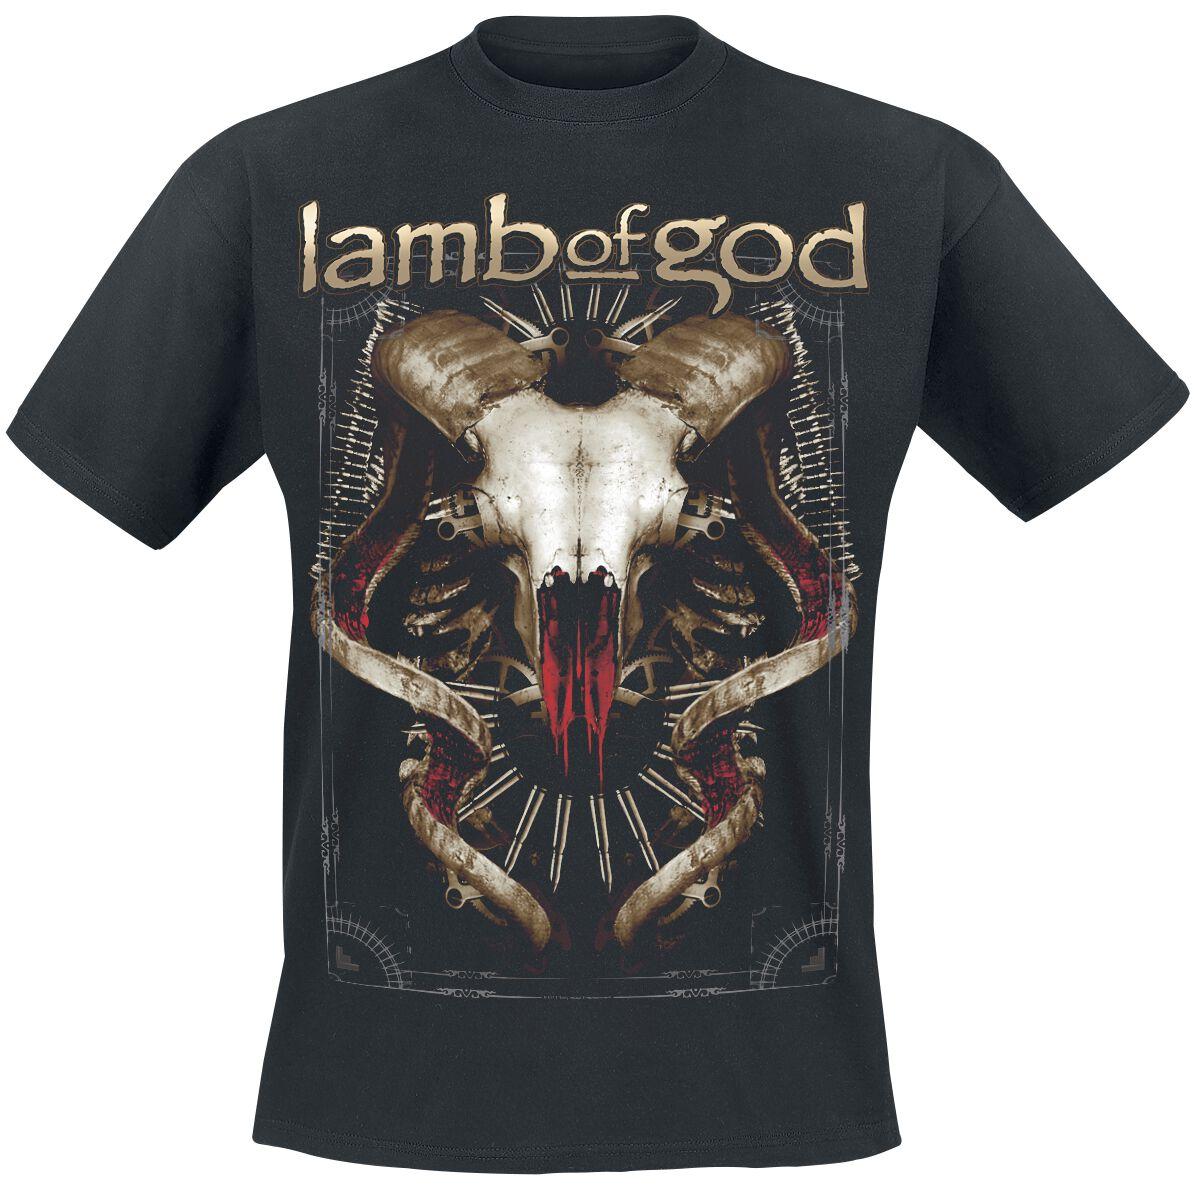 Zespoły - Koszulki - T-Shirt Lamb Of God Tech Steer T-Shirt czarny - 320880